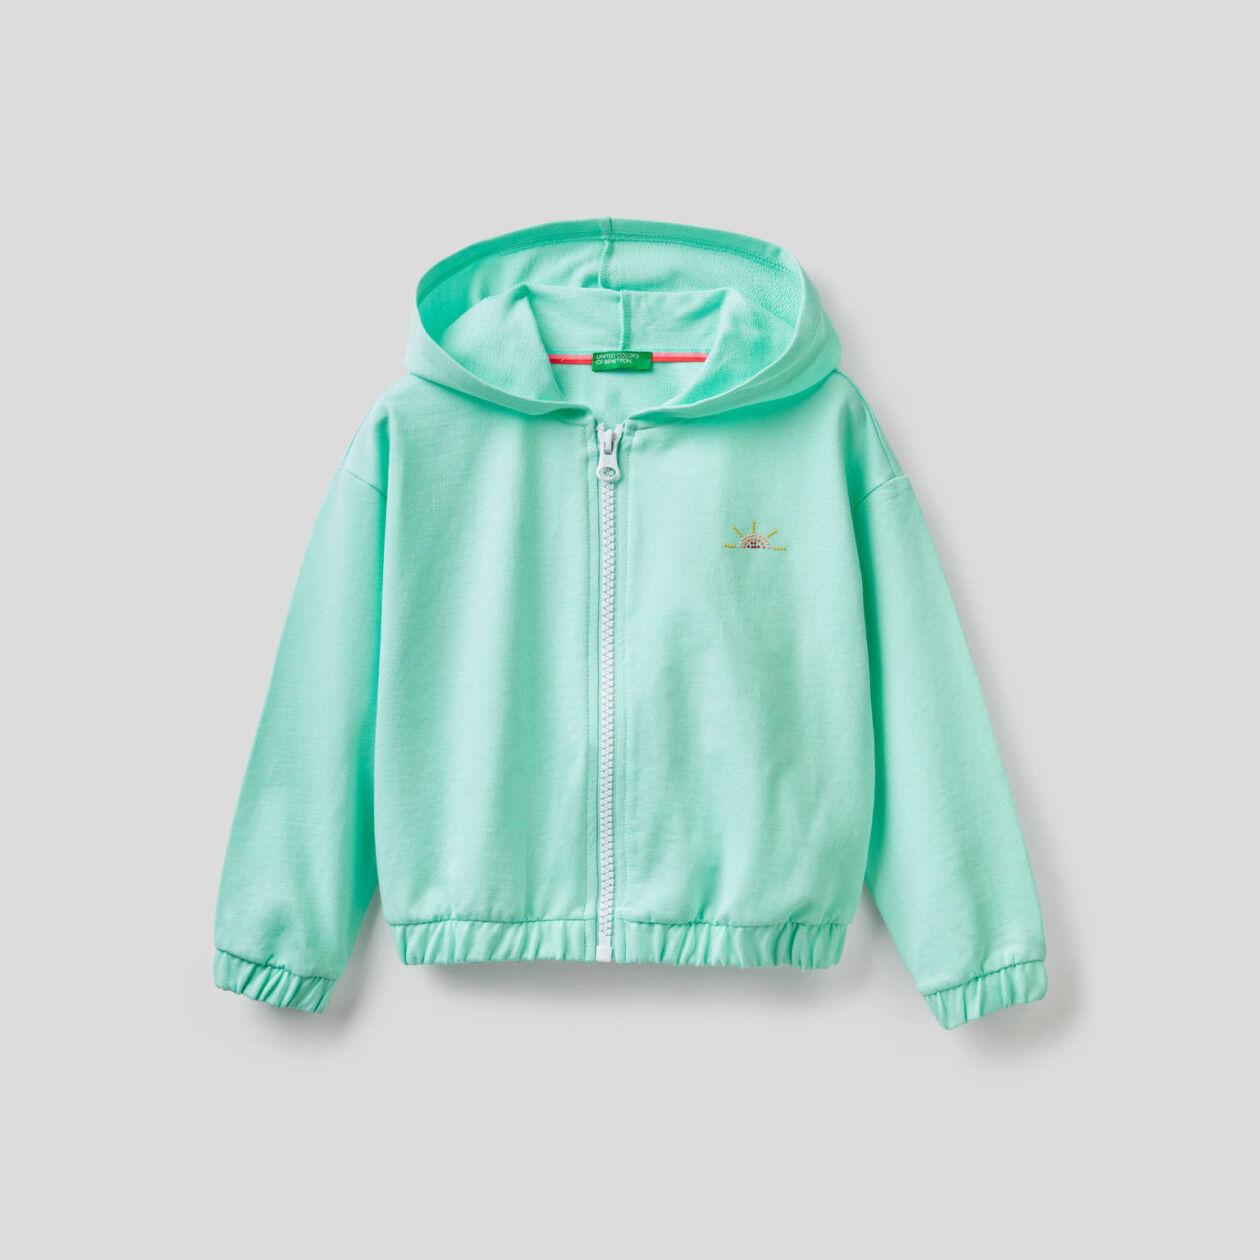 Leichtes Sweatshirt mit Reißverschluss und Kapuze